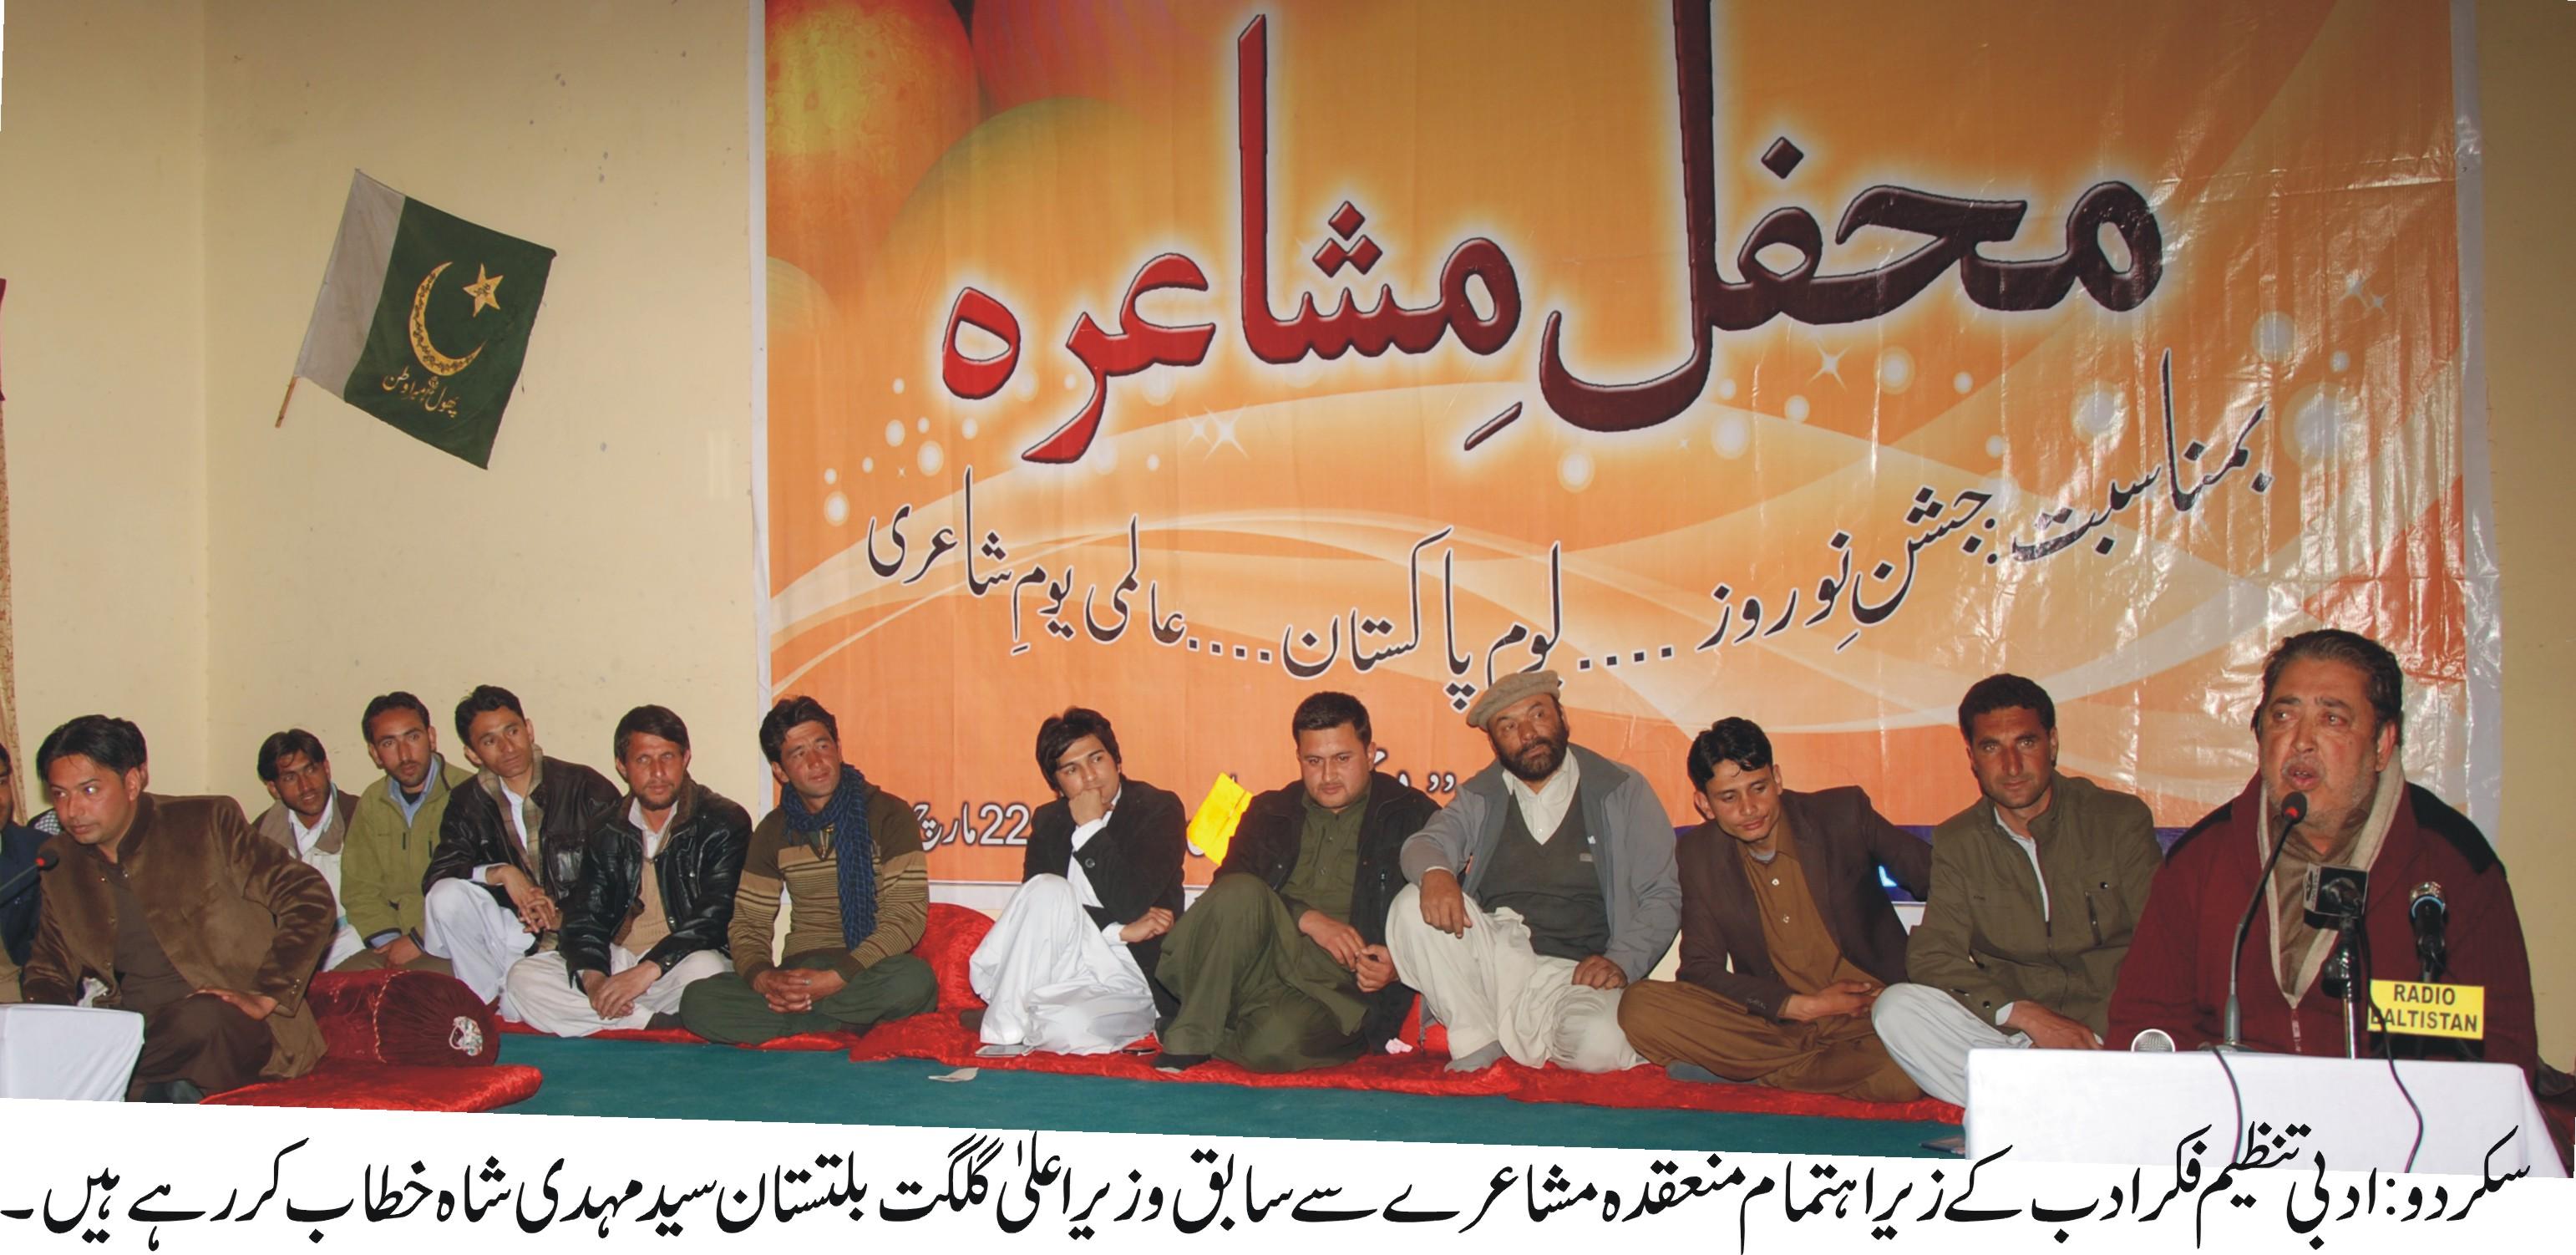 سکردو، ادبی تنظیم فکر کے زیر اہتمام یوم پاکستان اور جشن نوروز پر محفل مشاعرہ کا اہتمام کیا گیا